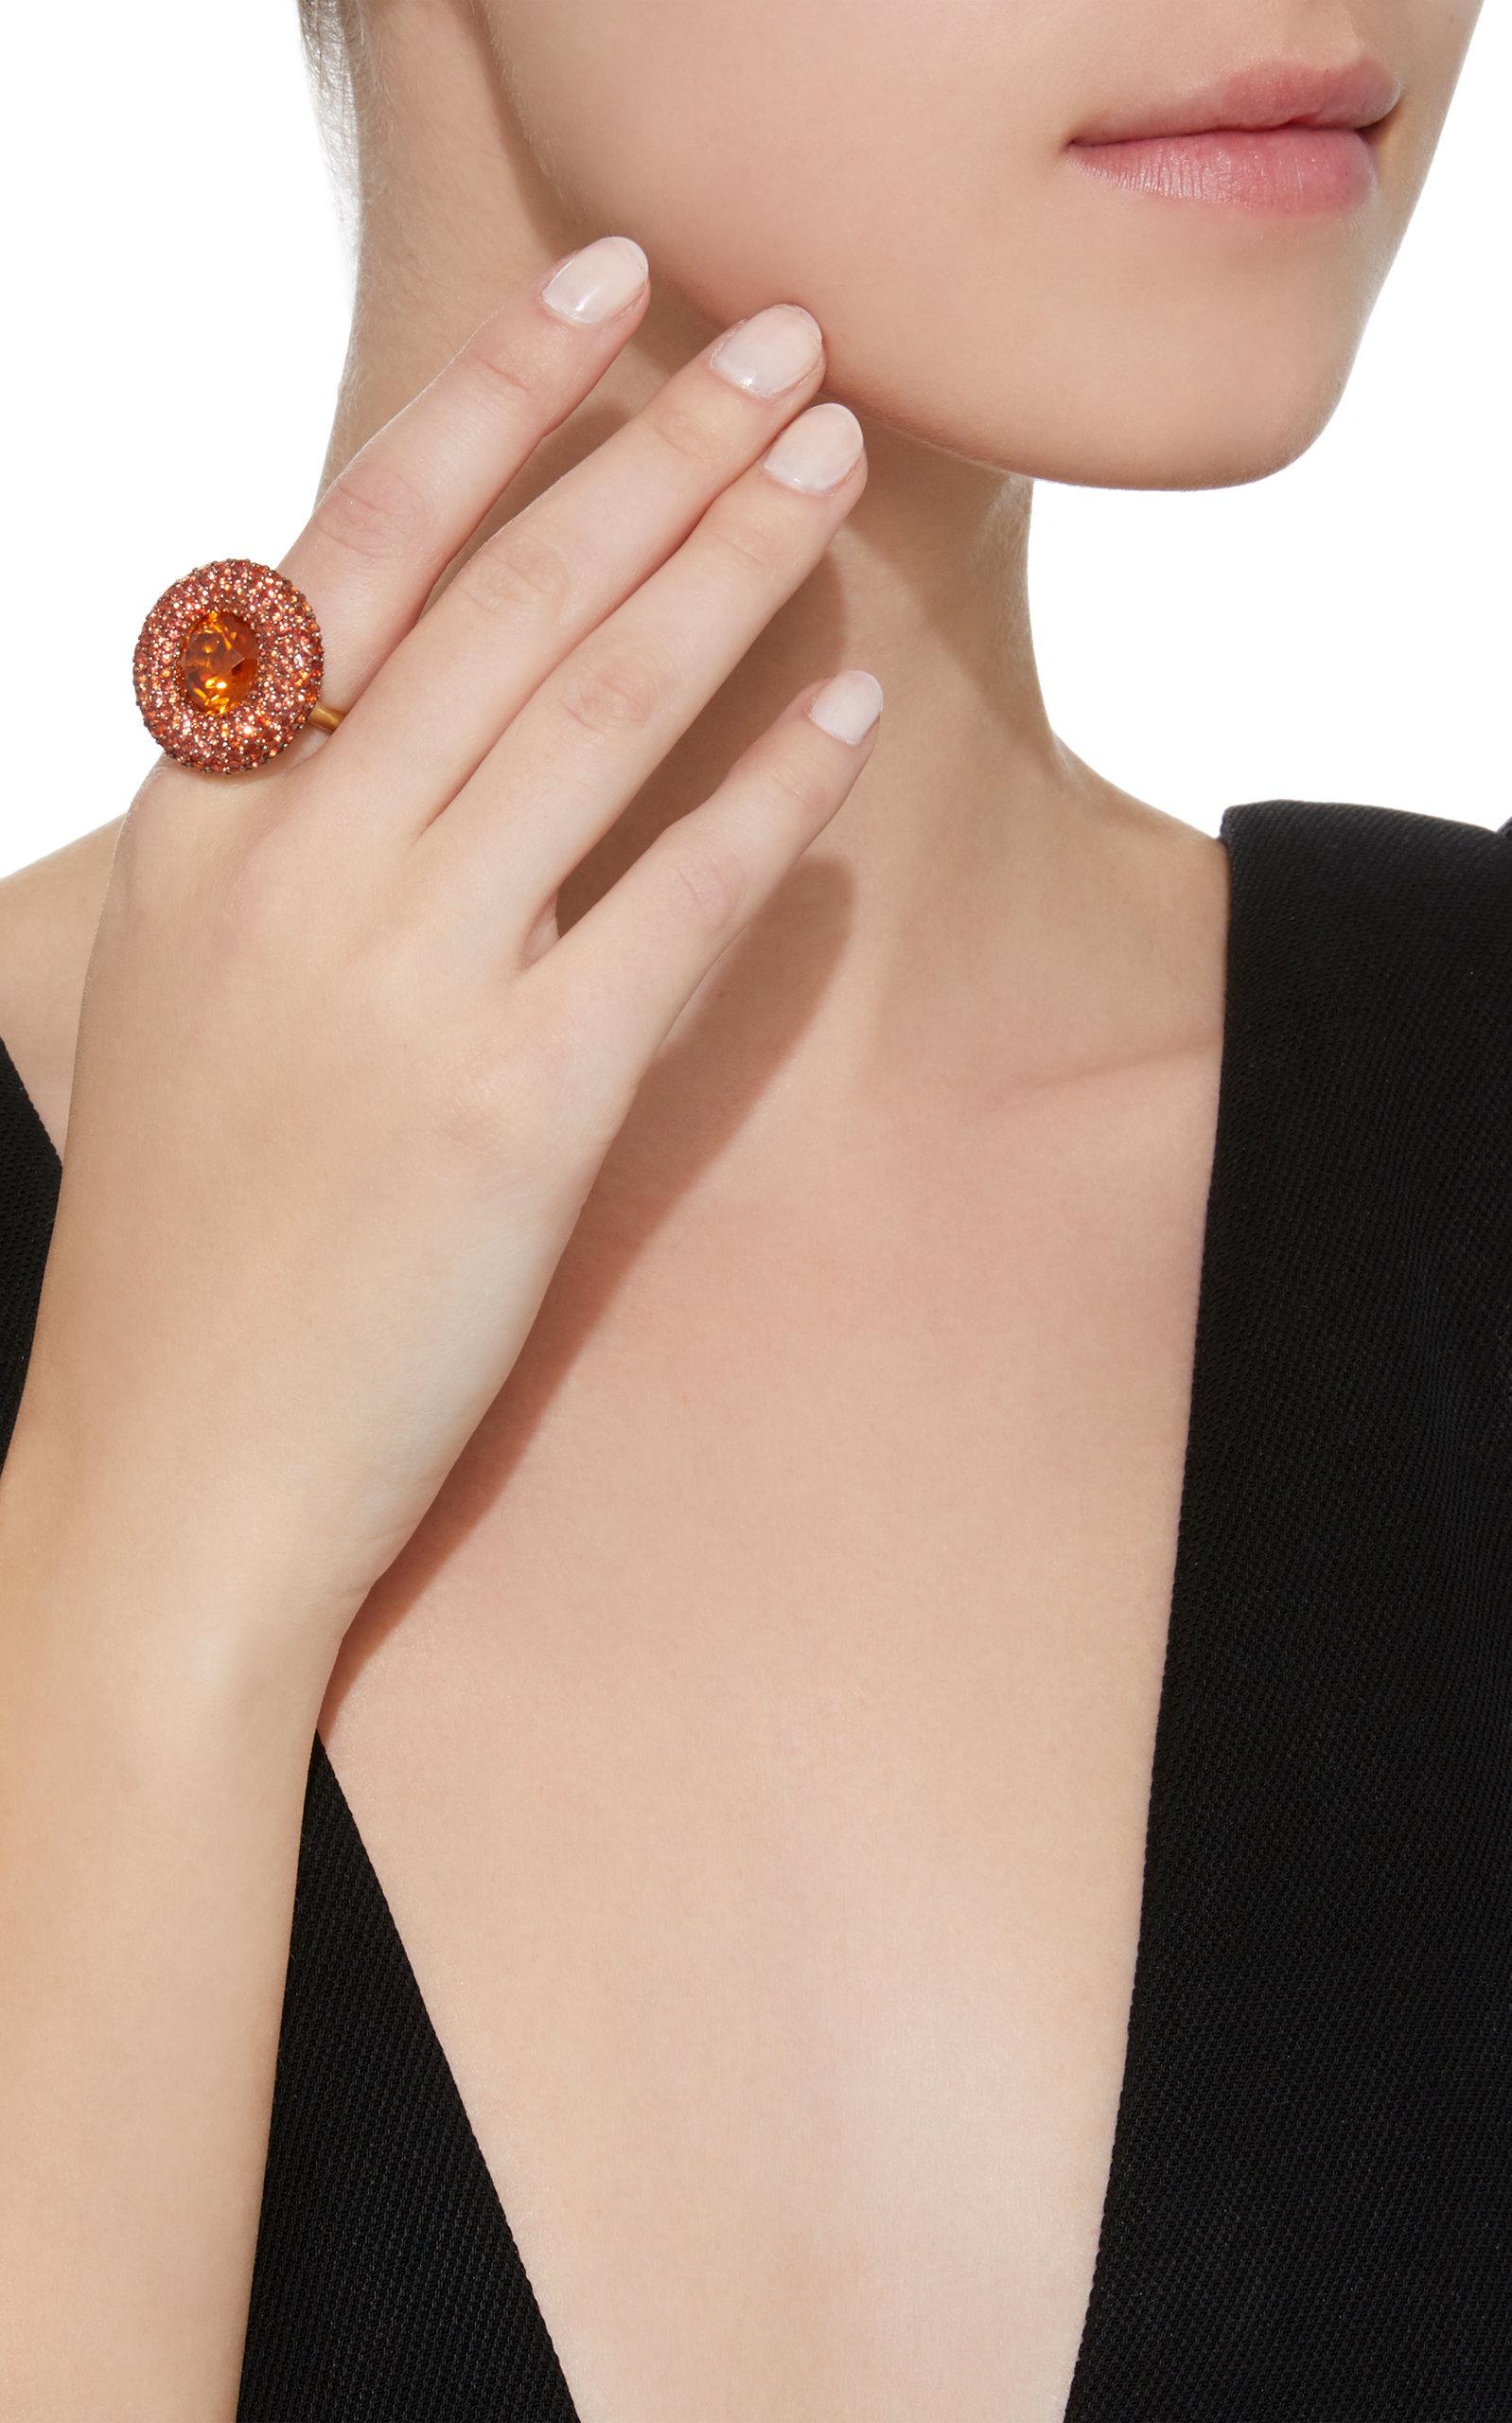 VRAM Jewelry x Moda Operandi Natural Zircon and Sapphire Ring